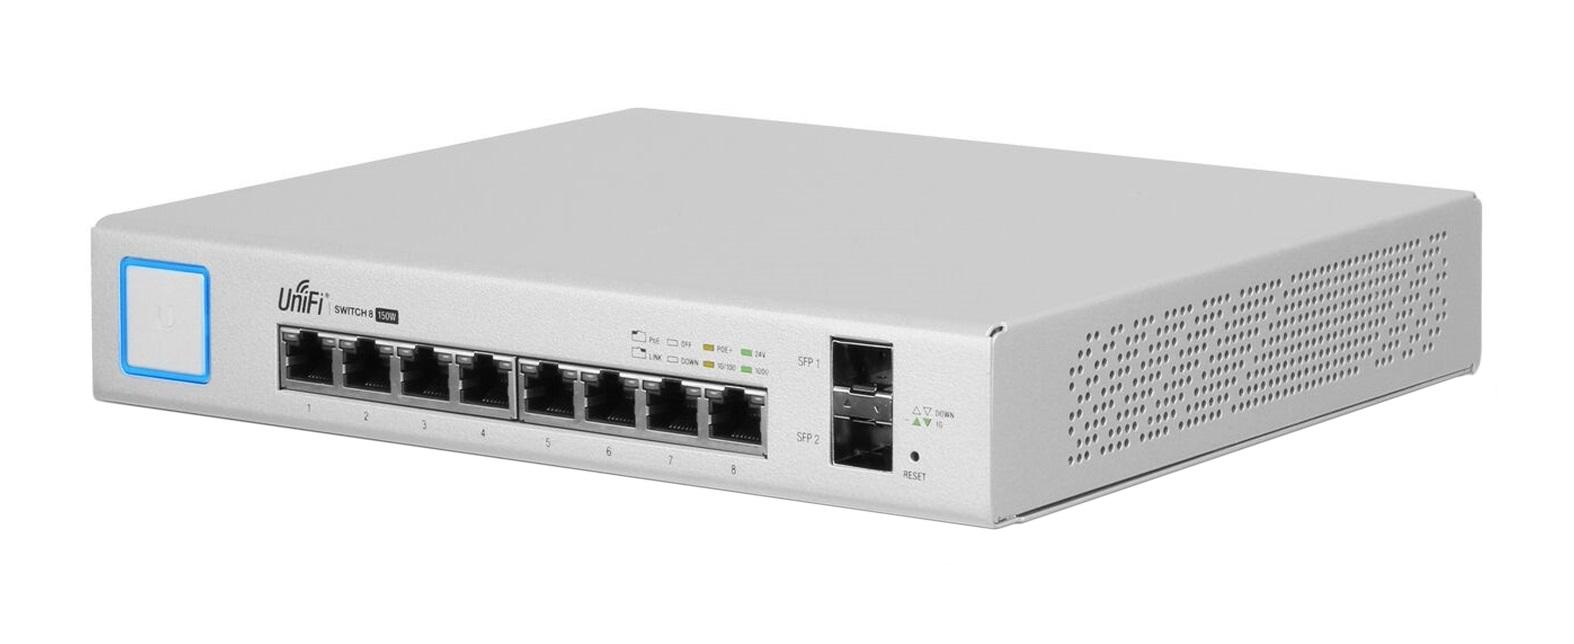 Ubiquiti Networks UniFi US-8-150W network switch Managed Gigabit Ethernet (10/100/1000) White Power over Ethernet (PoE)